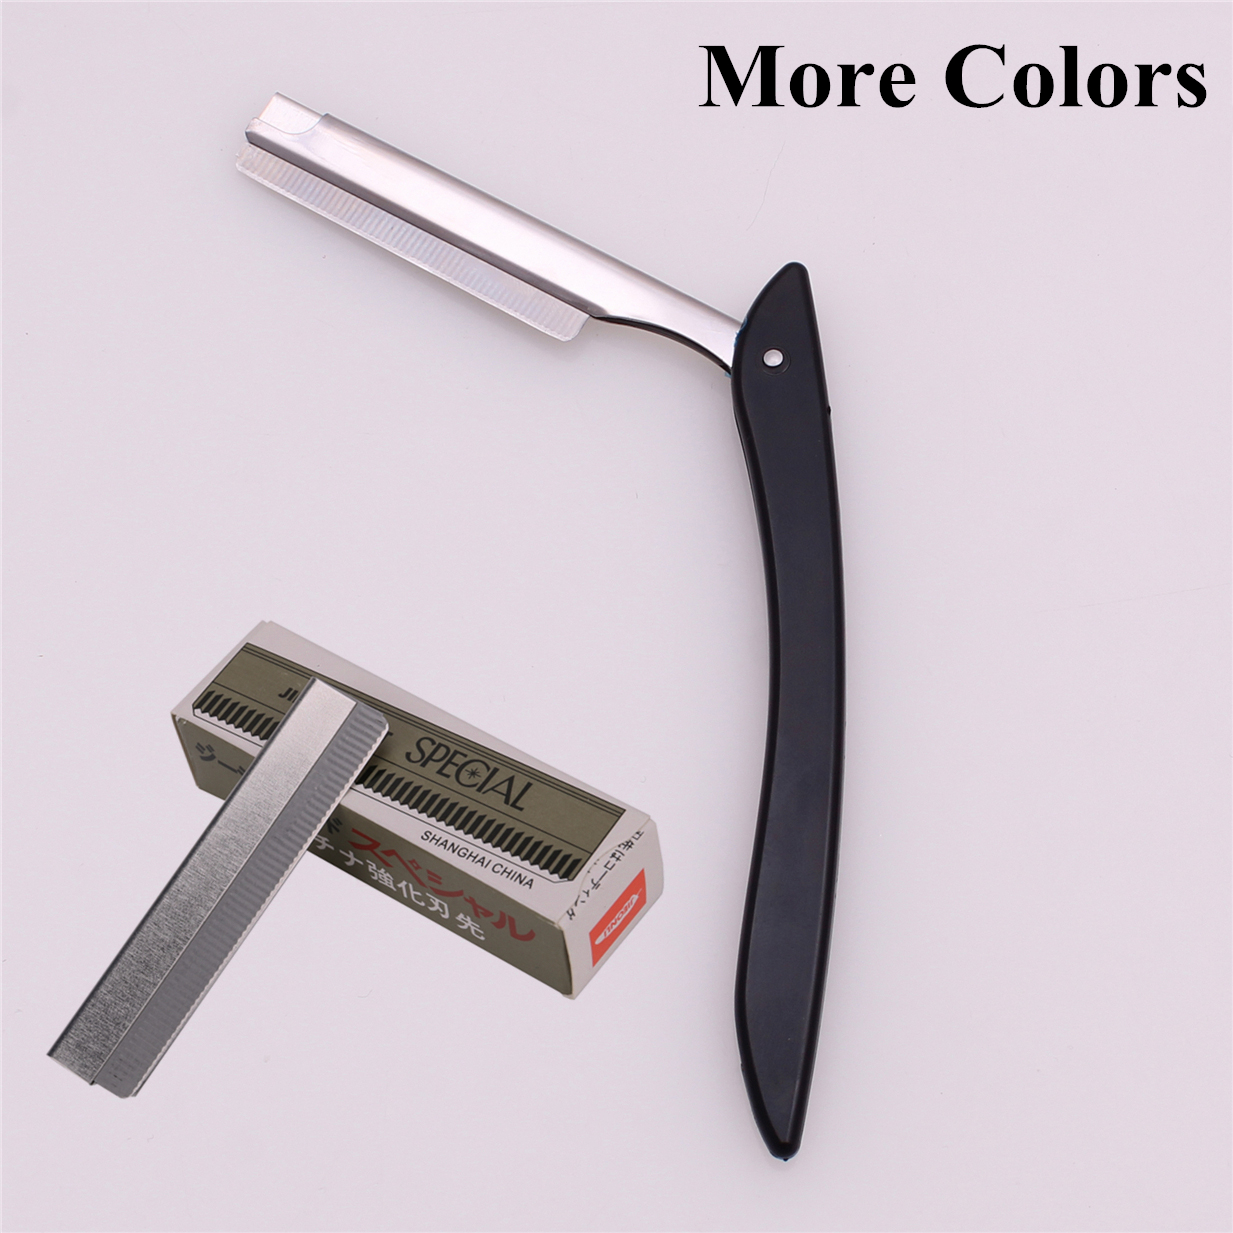 Shaving Razors Barber Hair Cut Razor Blades Male Female Eyebrow Trimmer Folding Shaver Knife ABS Holder 1 + 10 Blade 108#